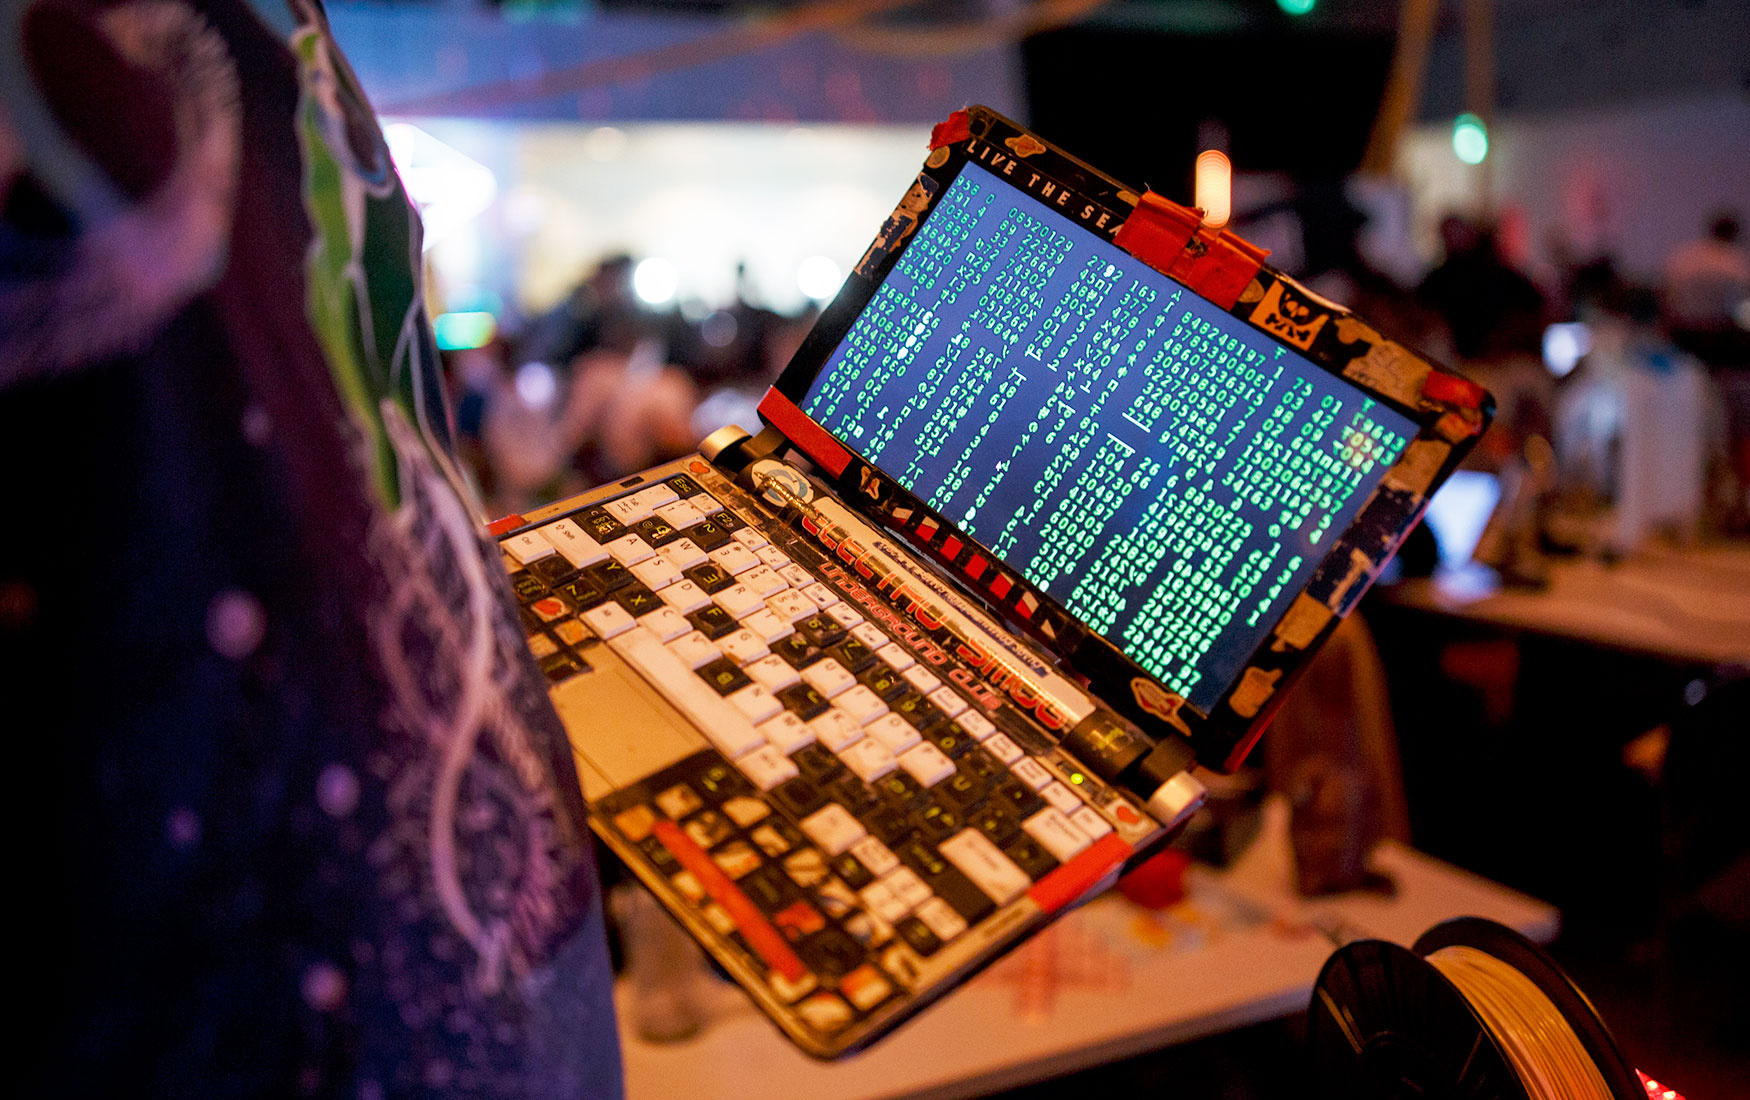 Полис от хакера. Компаниям придется массово страховать киберриски